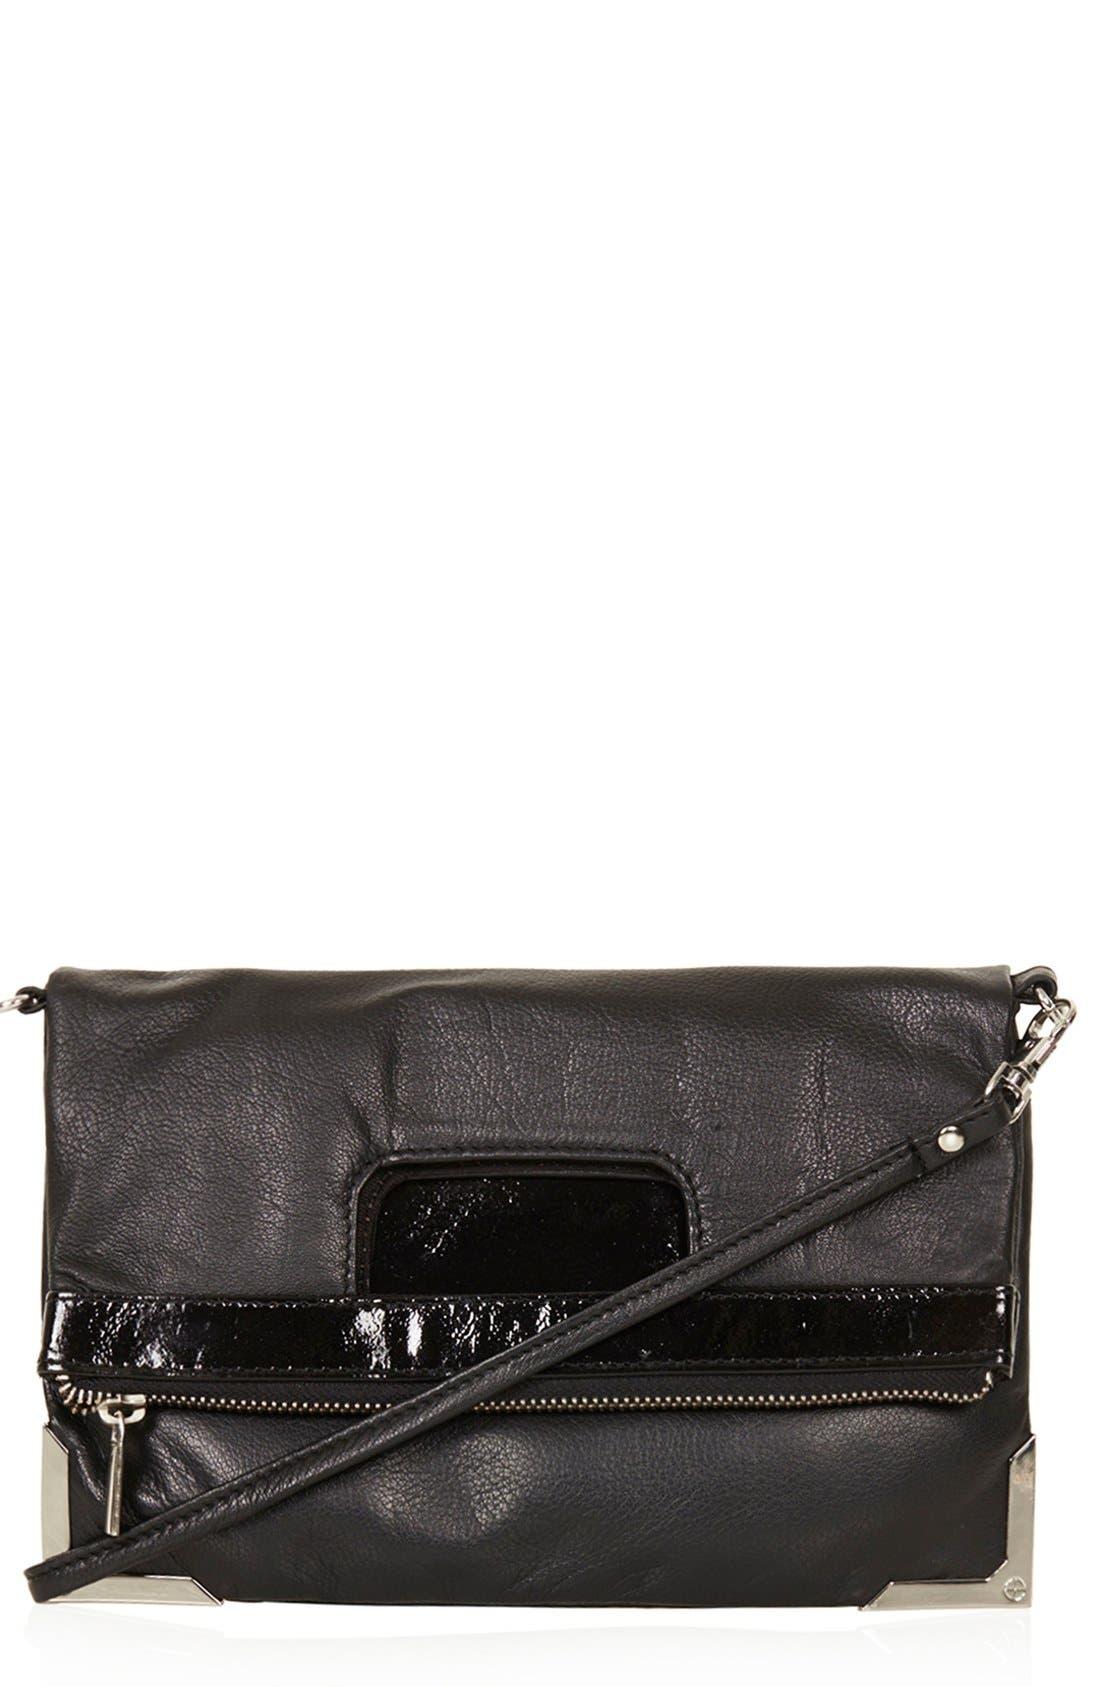 Main Image - Topshop Metal Corner Leather Crossbody Bag